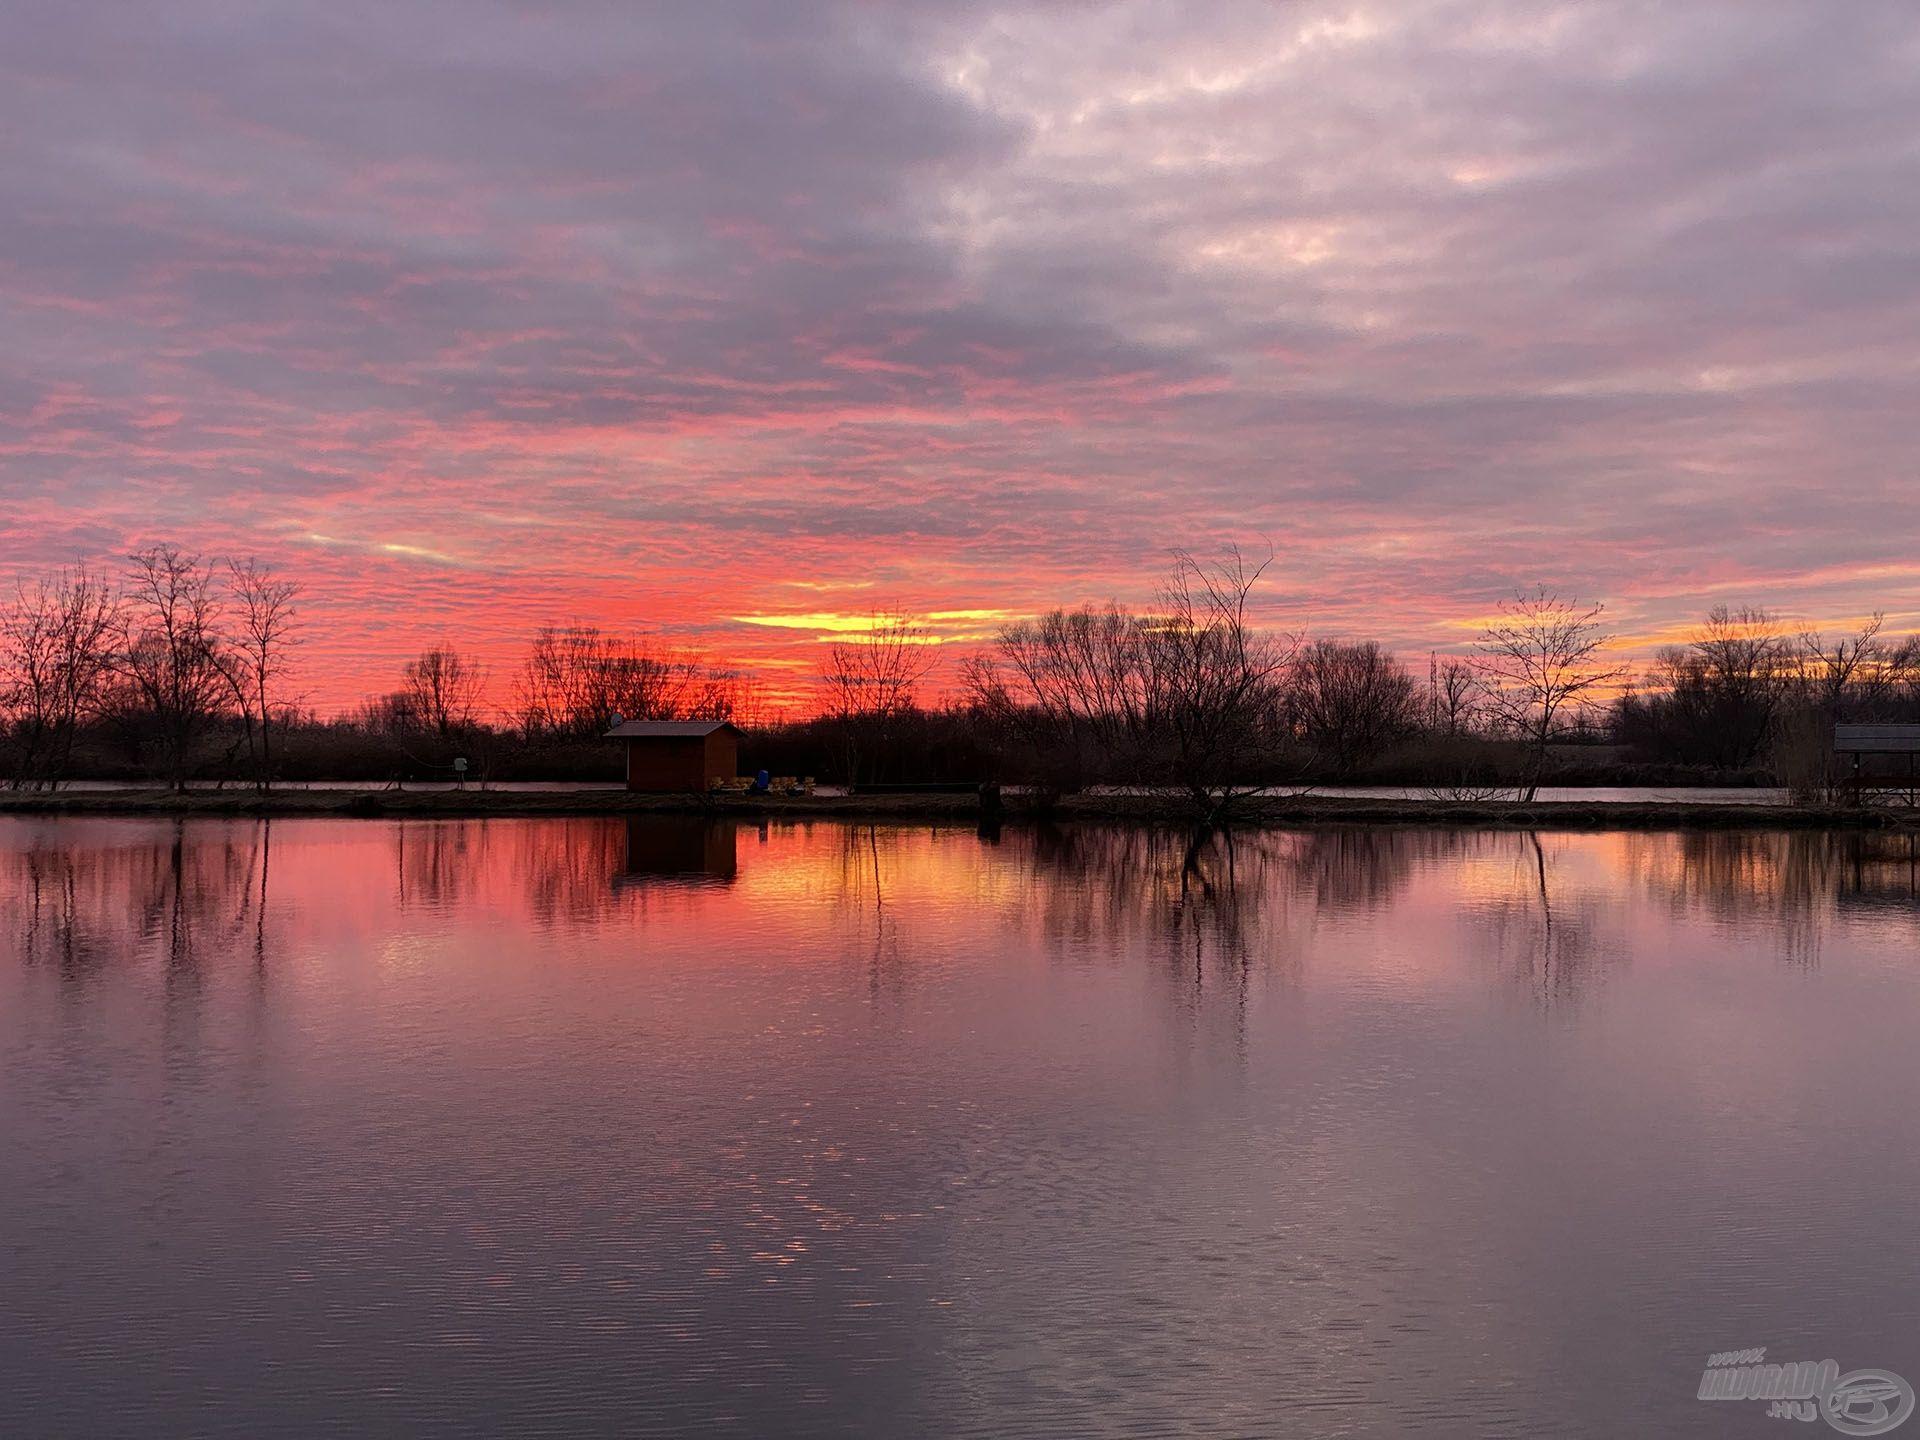 Ezzel a csodálatos naplementével búcsúzott tőlem a tórendszer